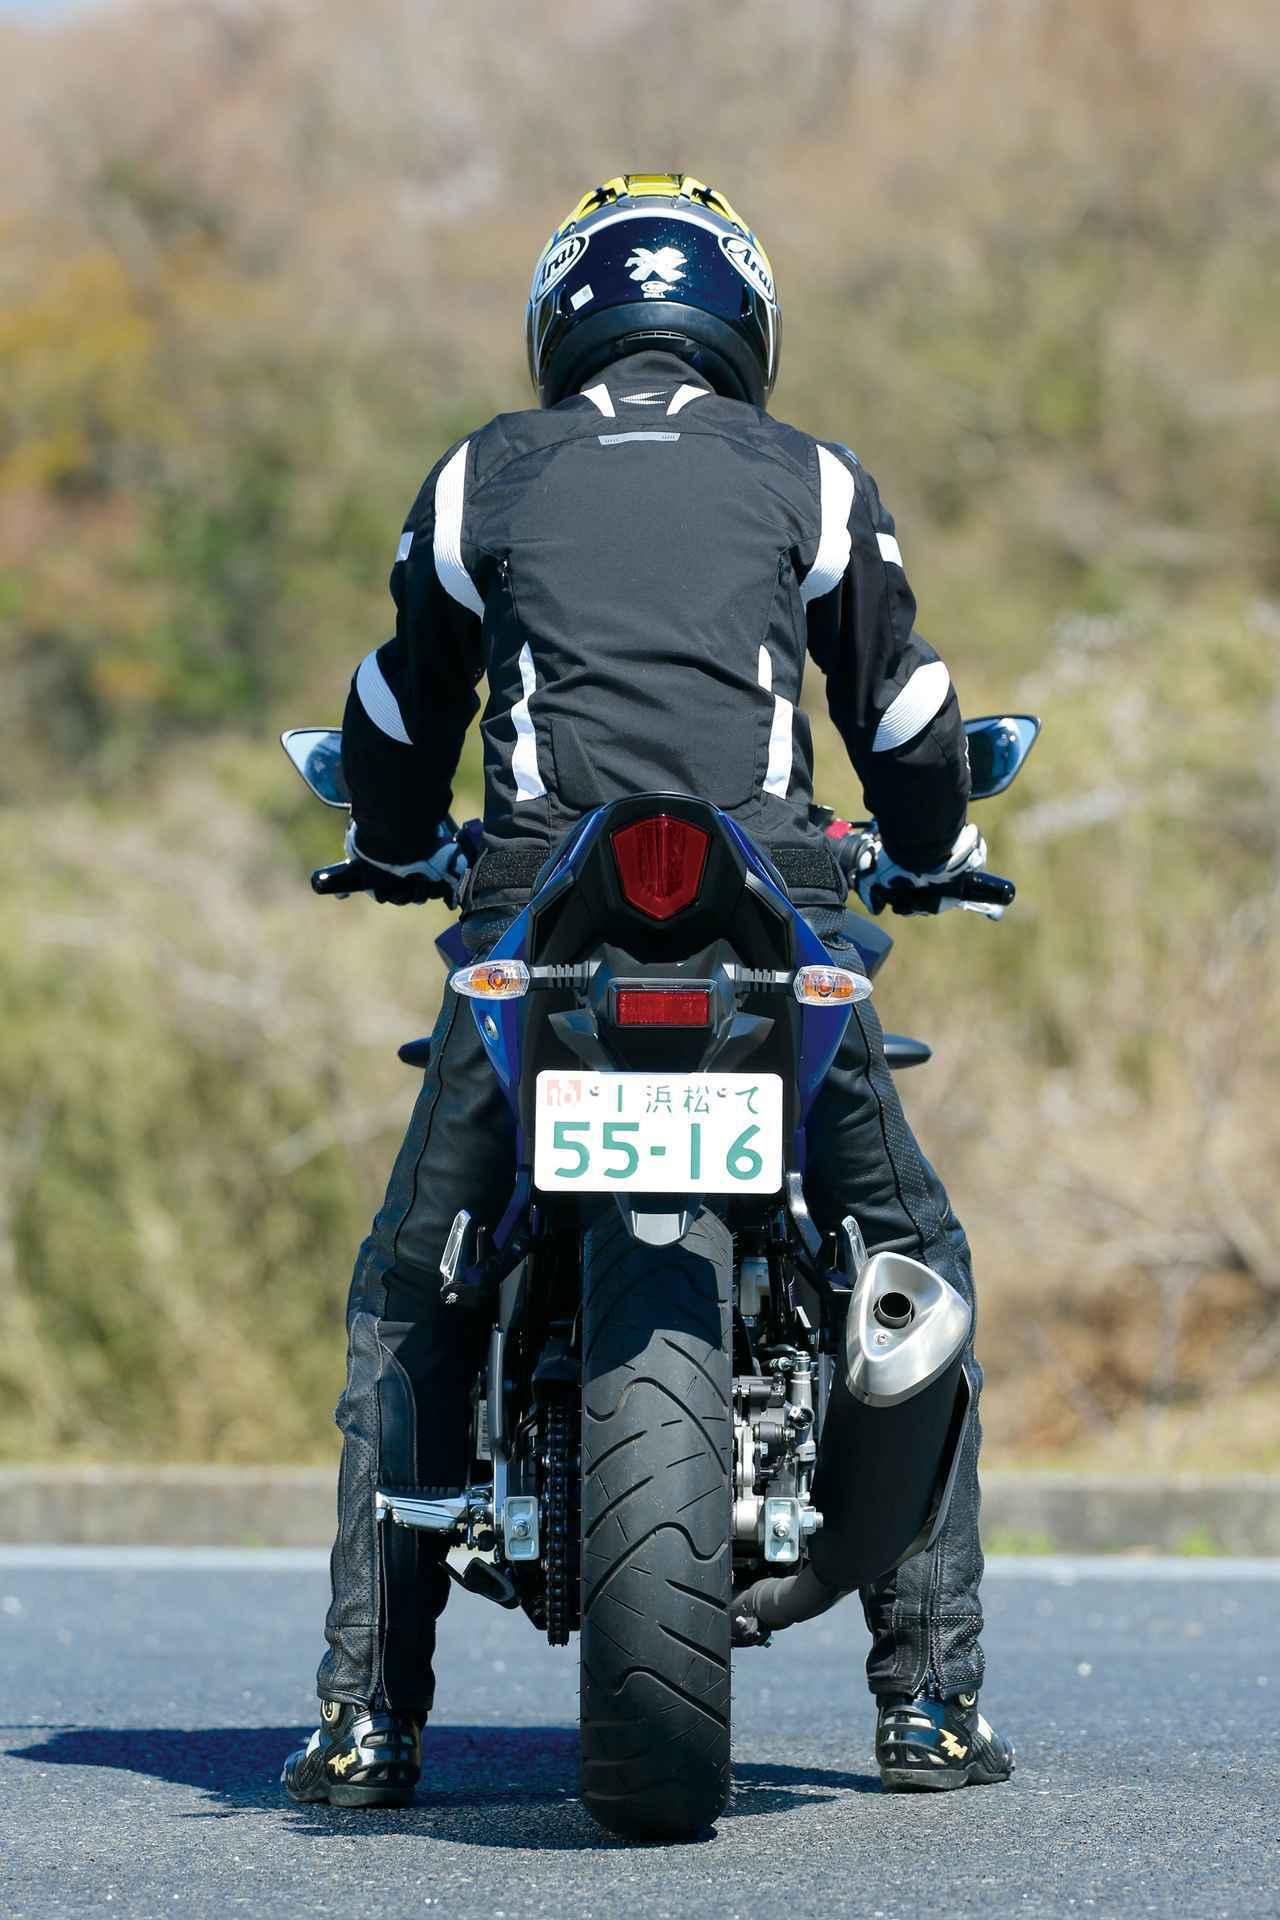 画像4: 【250ccスポーツバイク比較検証】Ninja ZX-25R・CBR250RR・YZF-R25・Ninja250・GSX250R〈装備・メーター・足つき性編〉